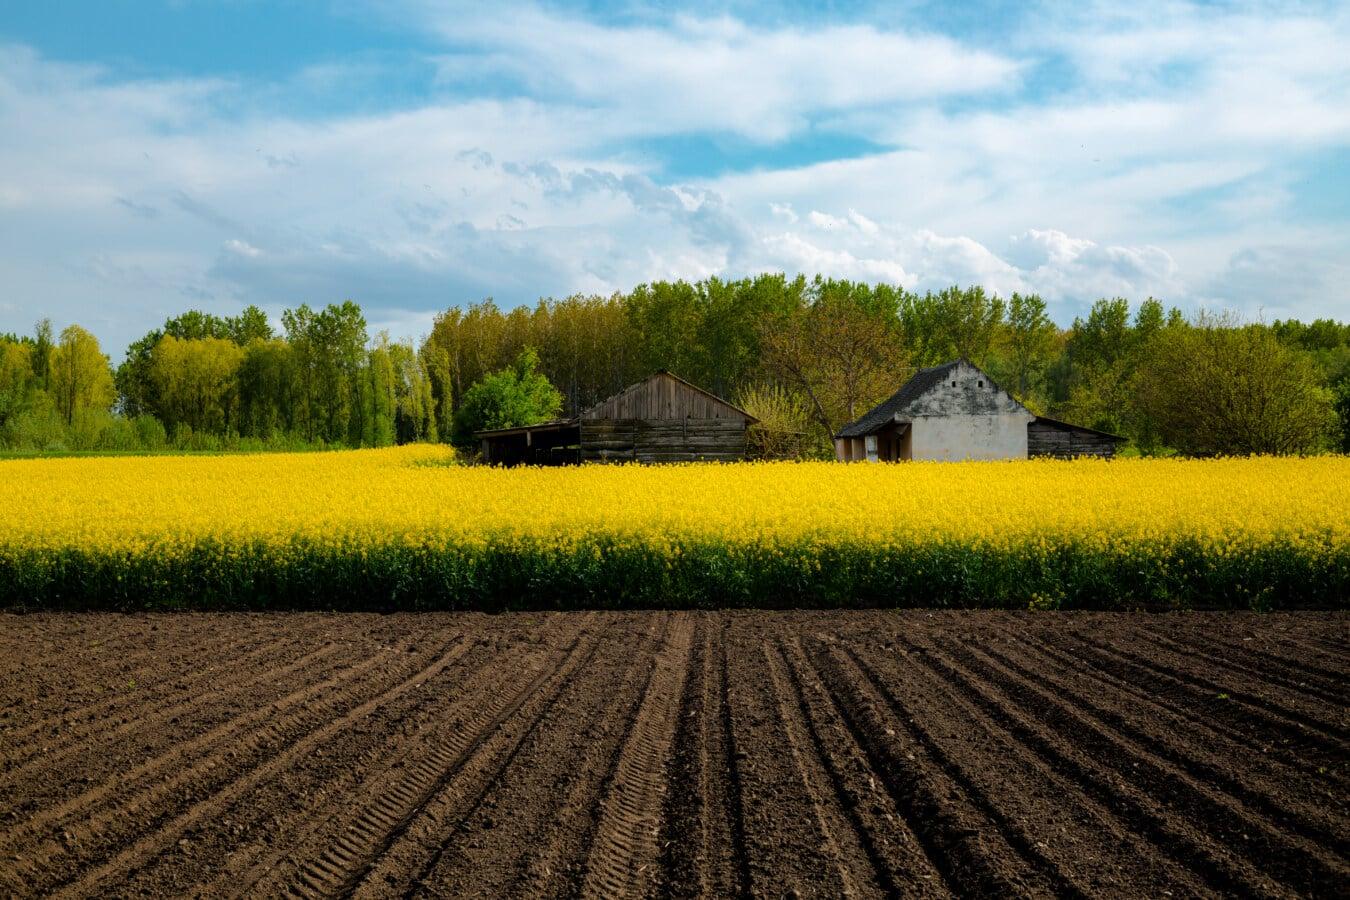 유채, 농업, 농지, 농장, 헛간, 필드, 농촌, 구조, 풍경, 토양